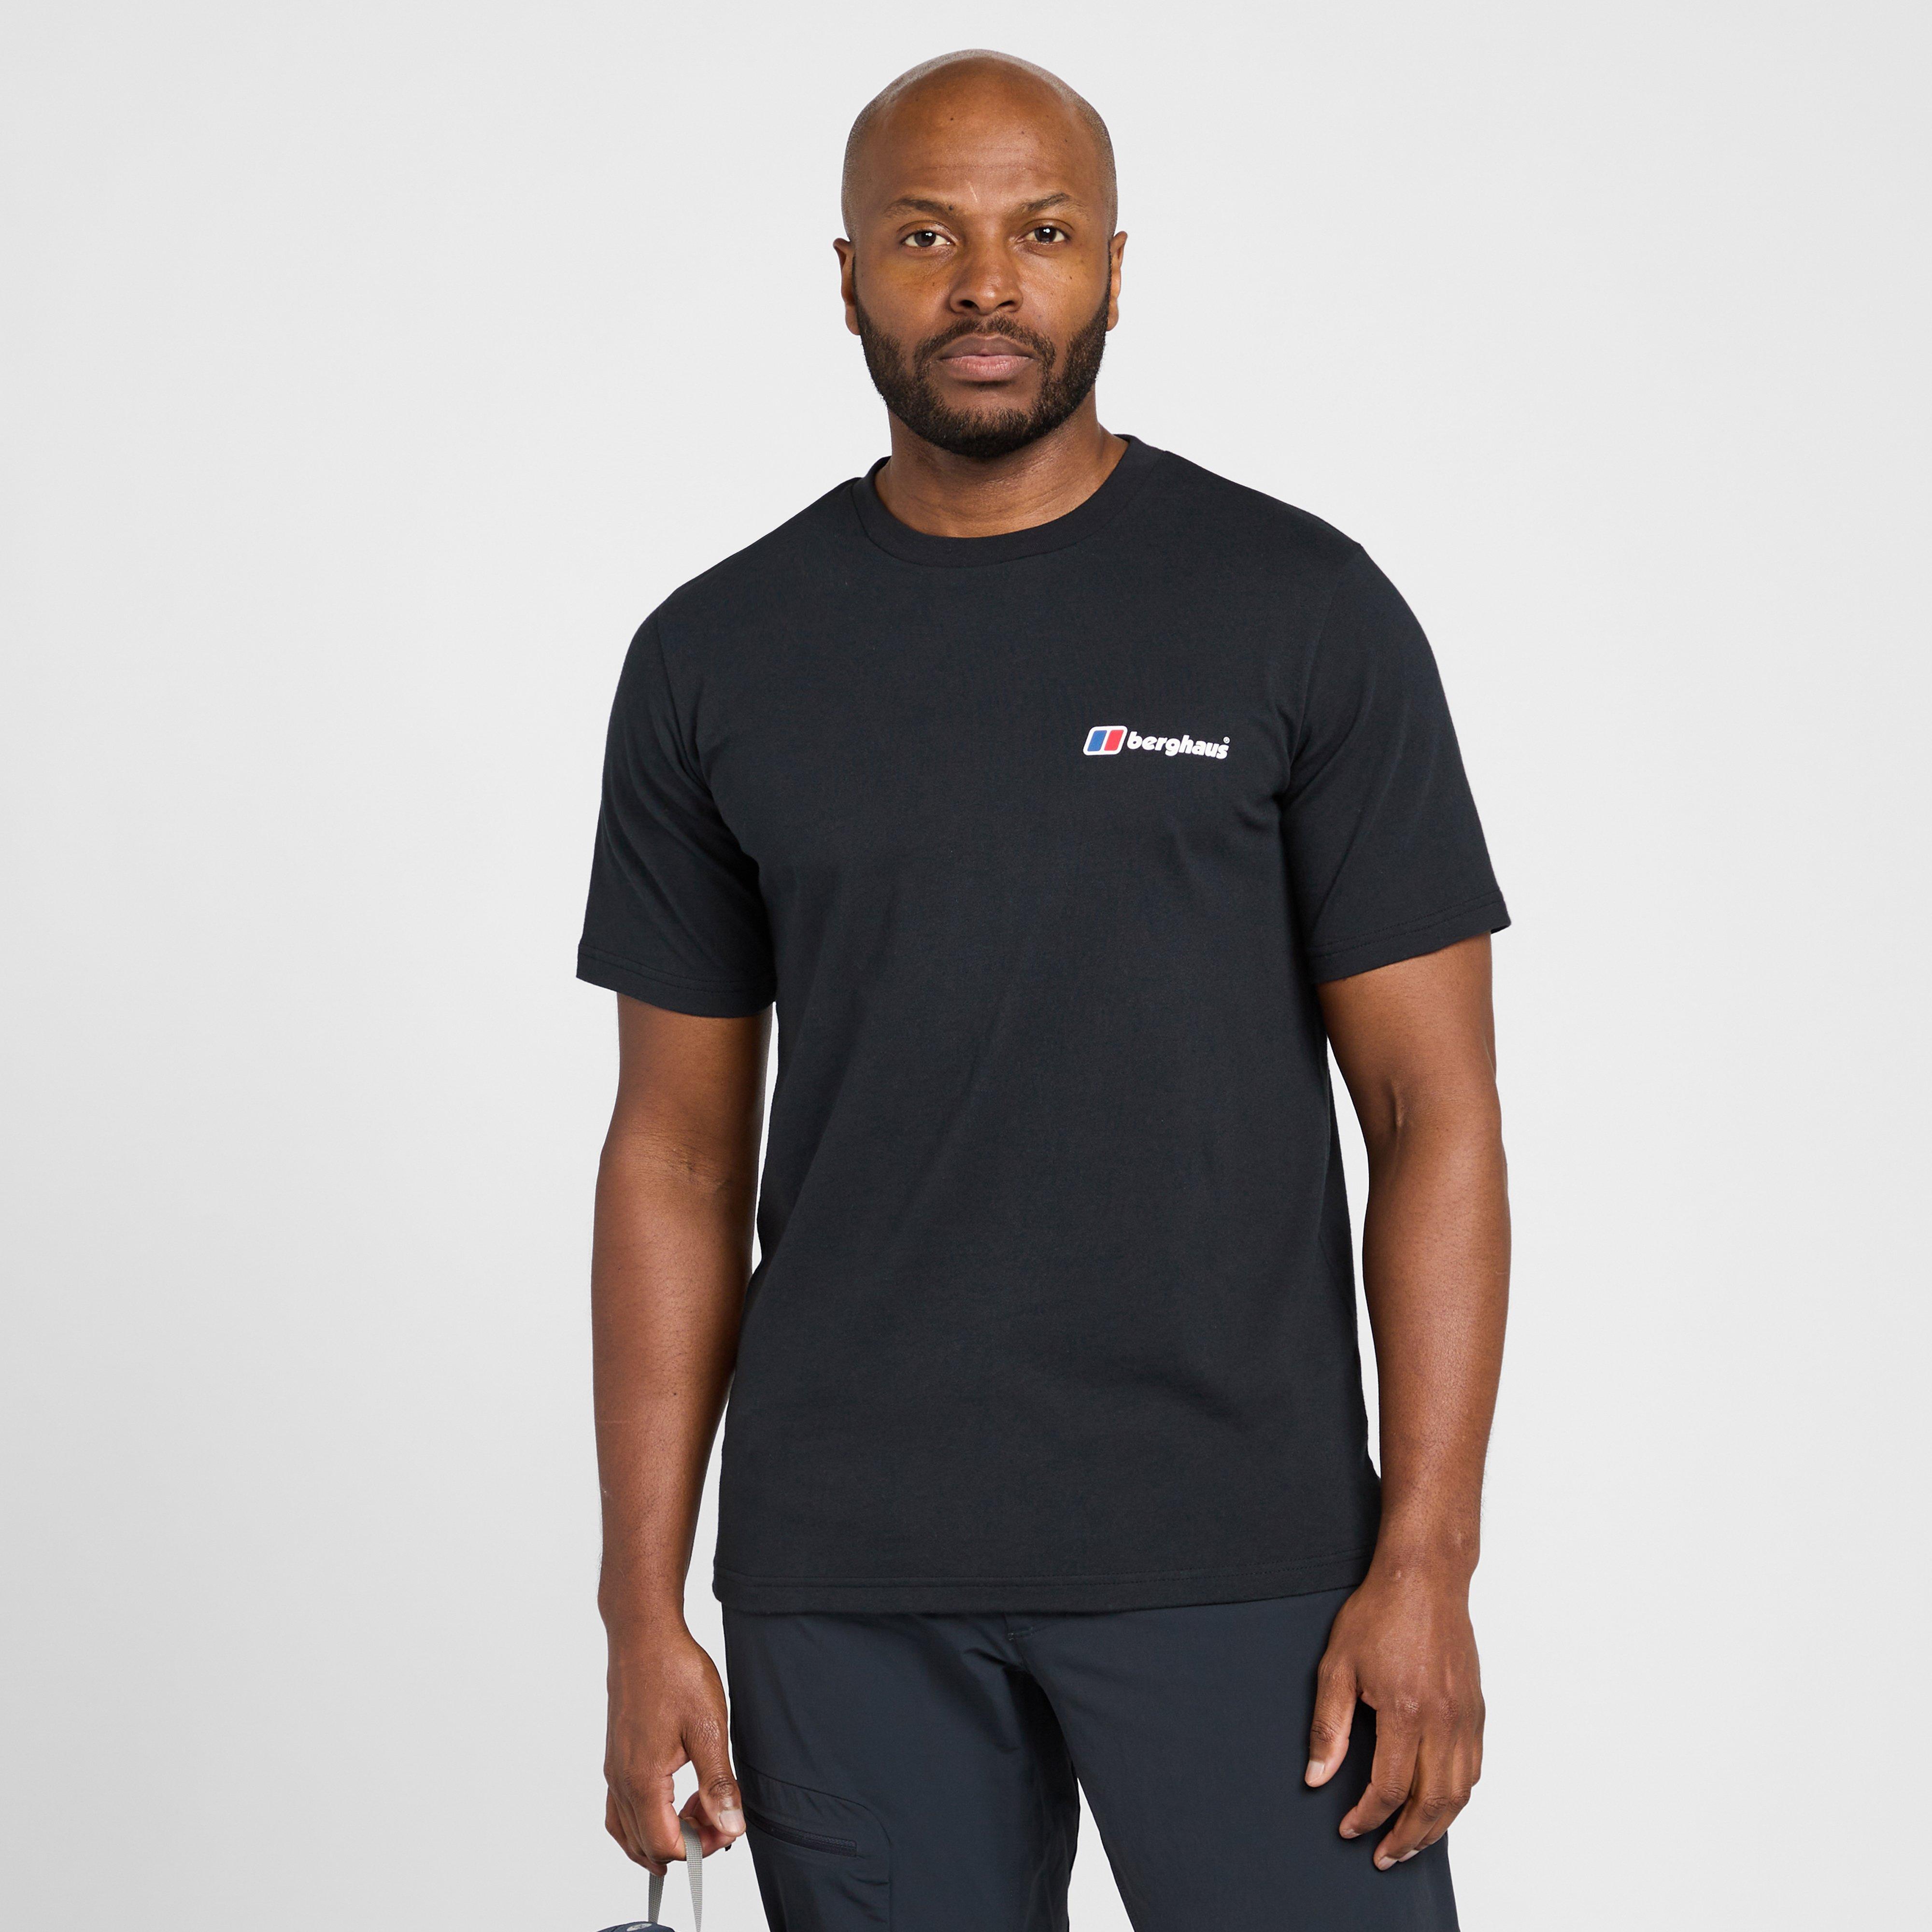 Berghaus Mens Colour Logo T-shirt - Black/black  Black/black